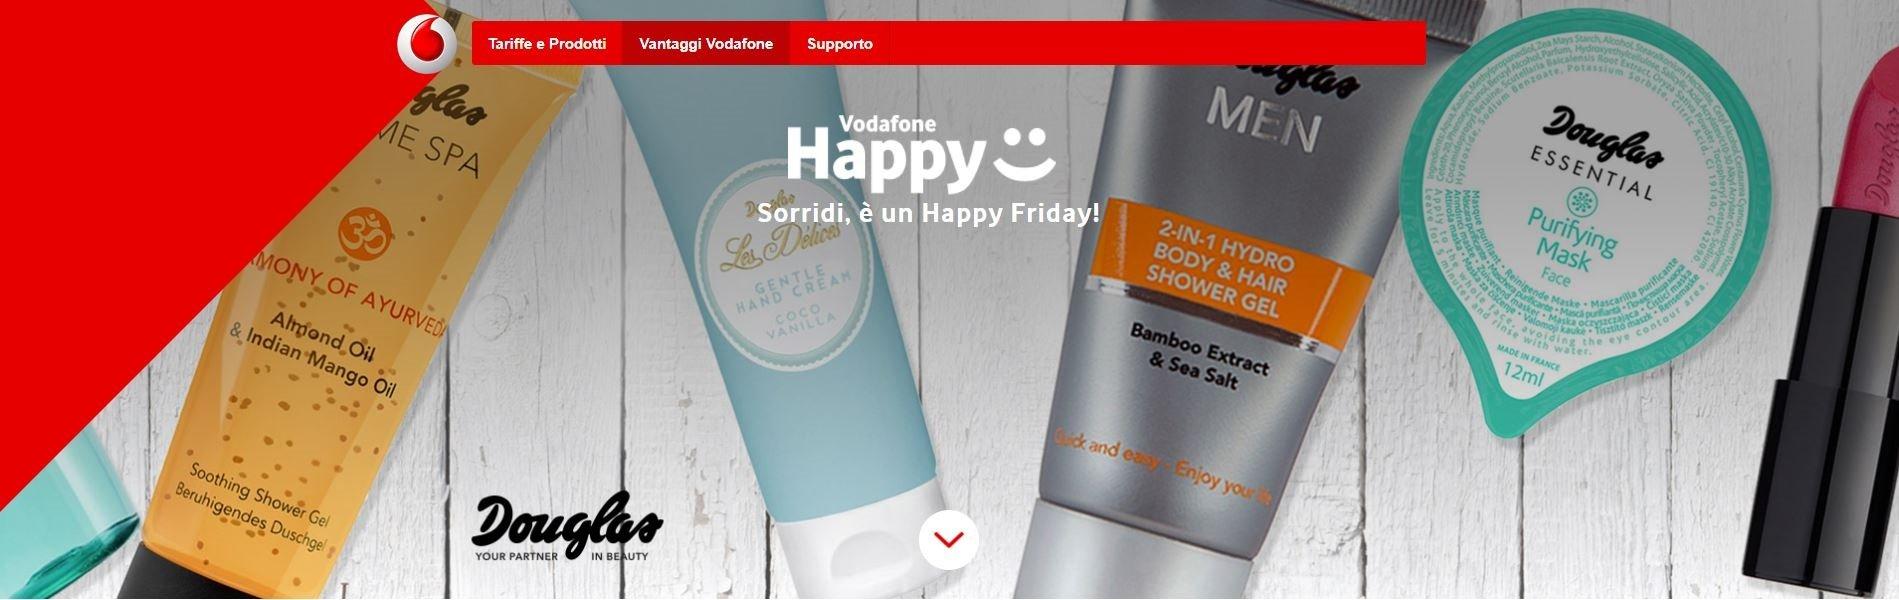 vodafone-happy-friday-buono-douglas.it